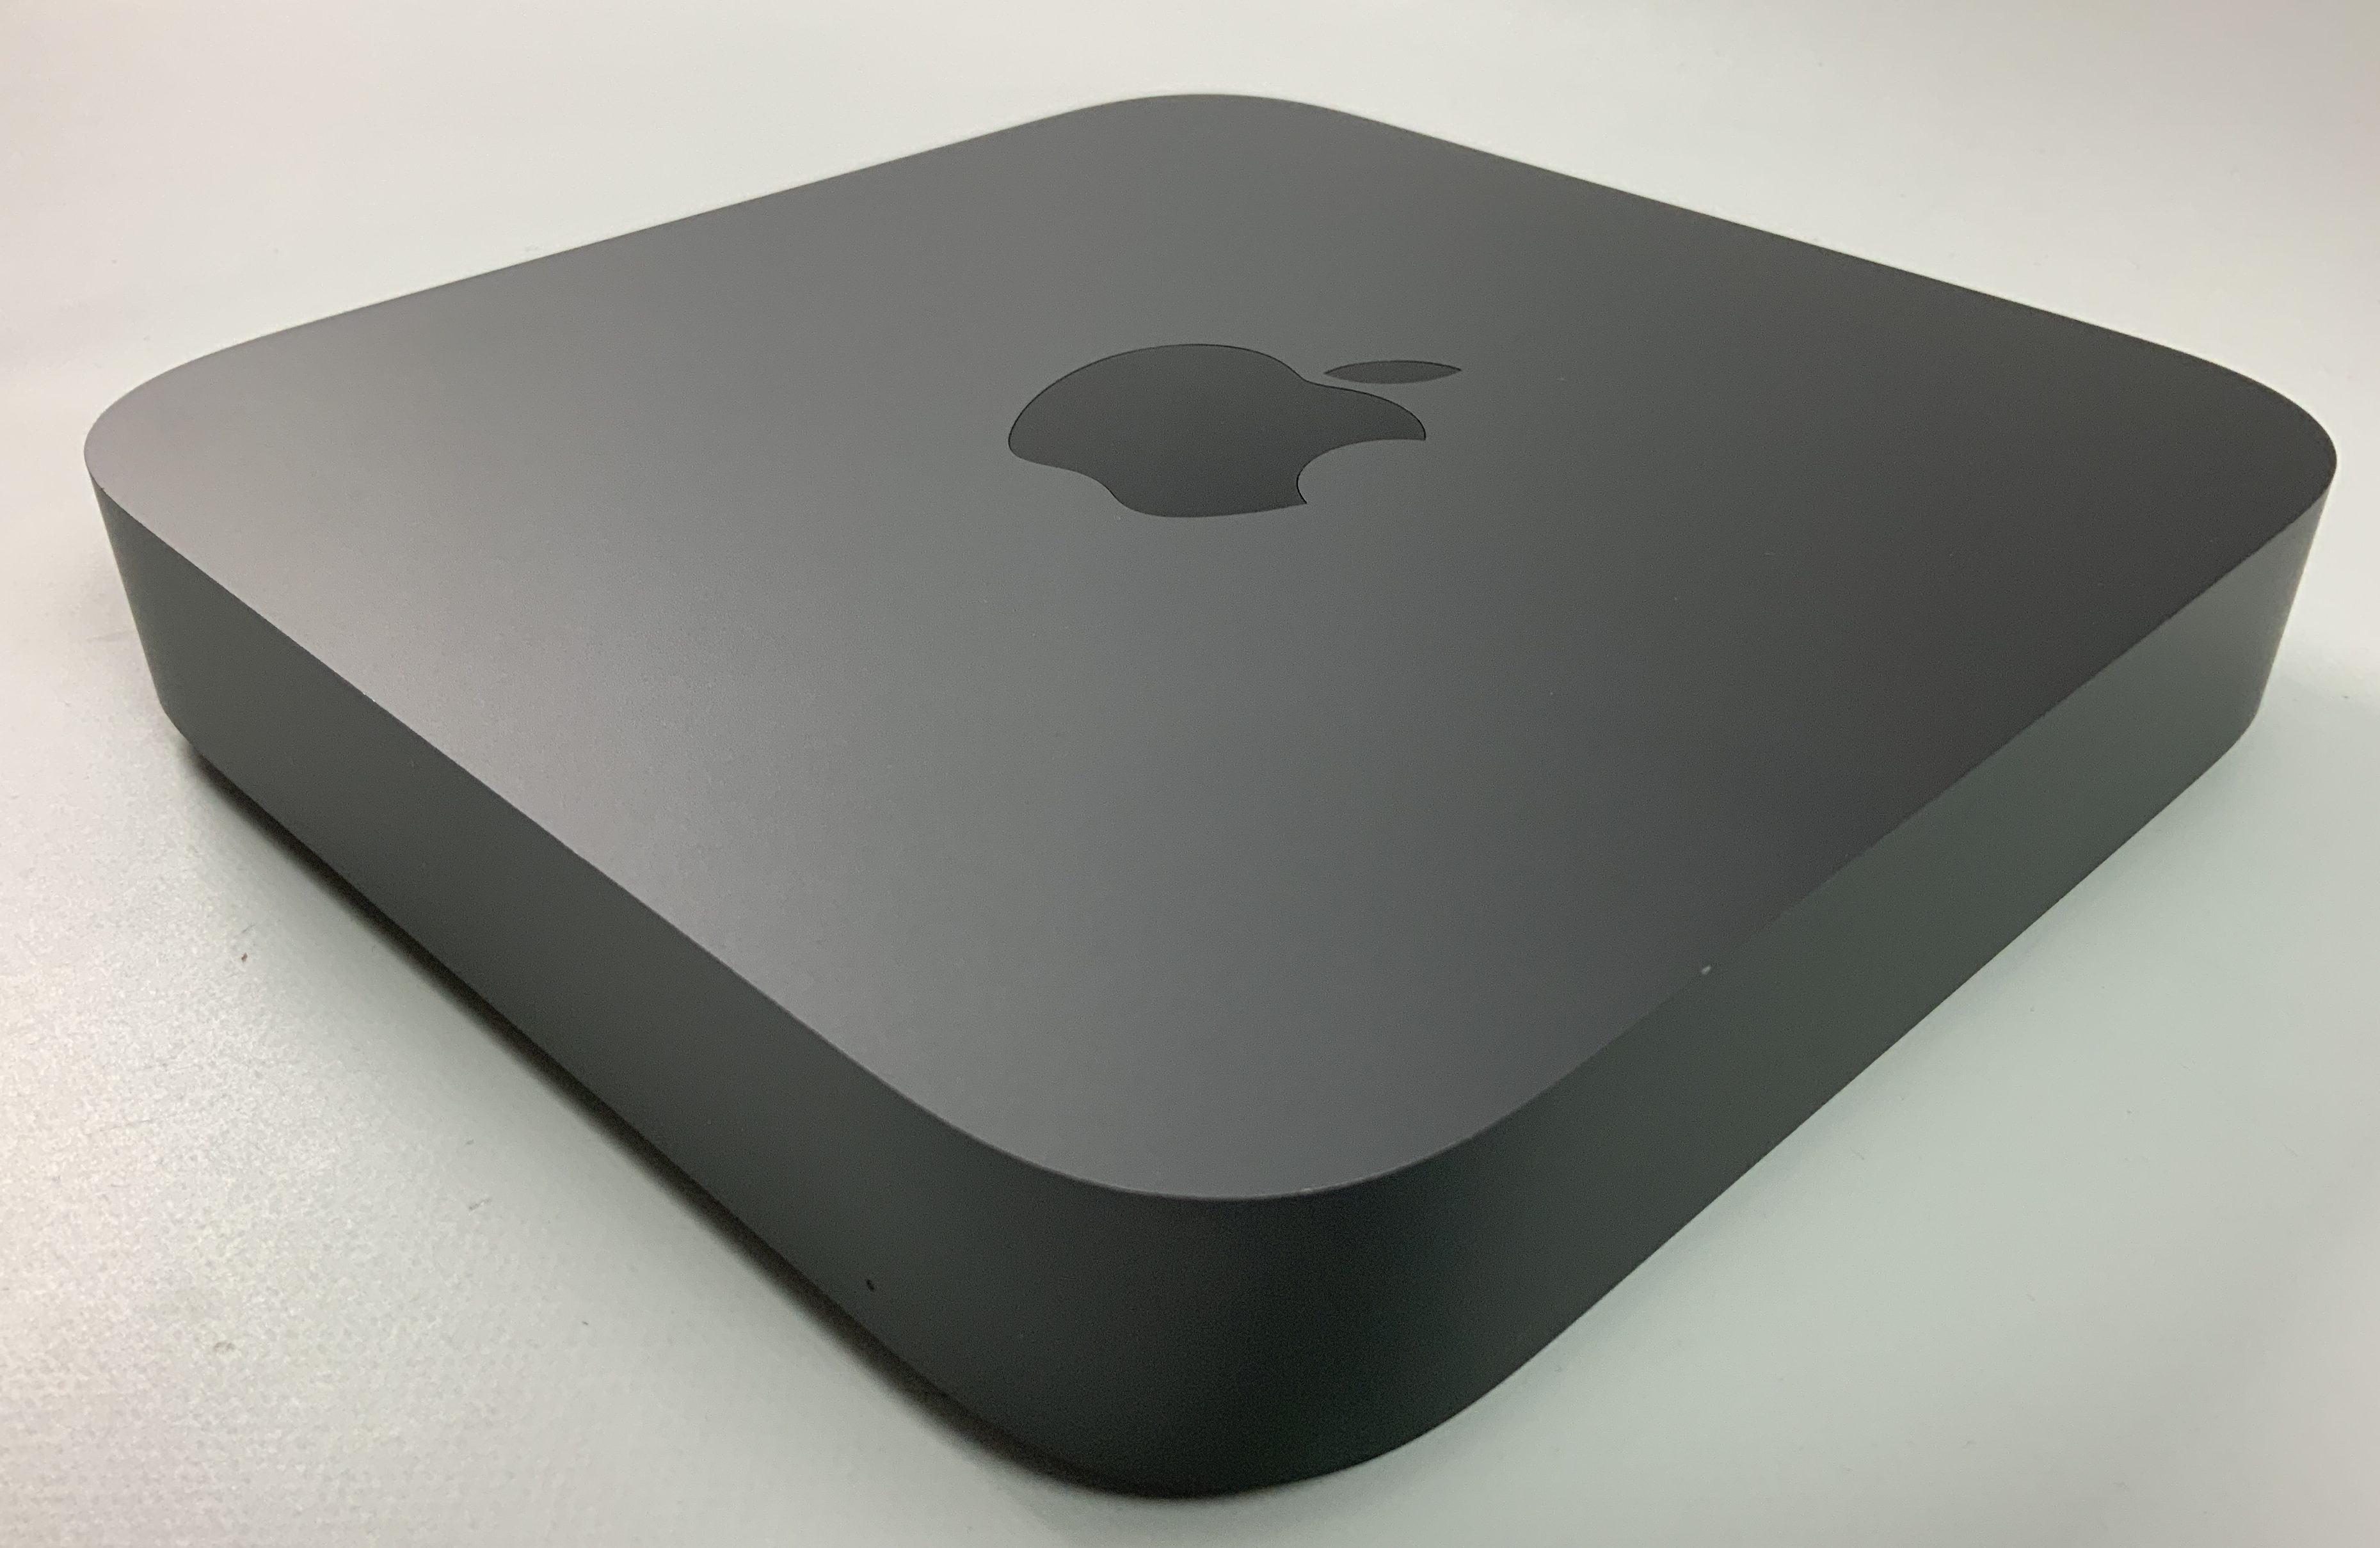 Mac Mini Late 2018 (Intel Quad-Core i3 3.6 GHz 8 GB RAM 128 GB SSD), Intel Quad-Core i3 3.6 GHz, 8 GB RAM, 128 GB SSD, bild 3